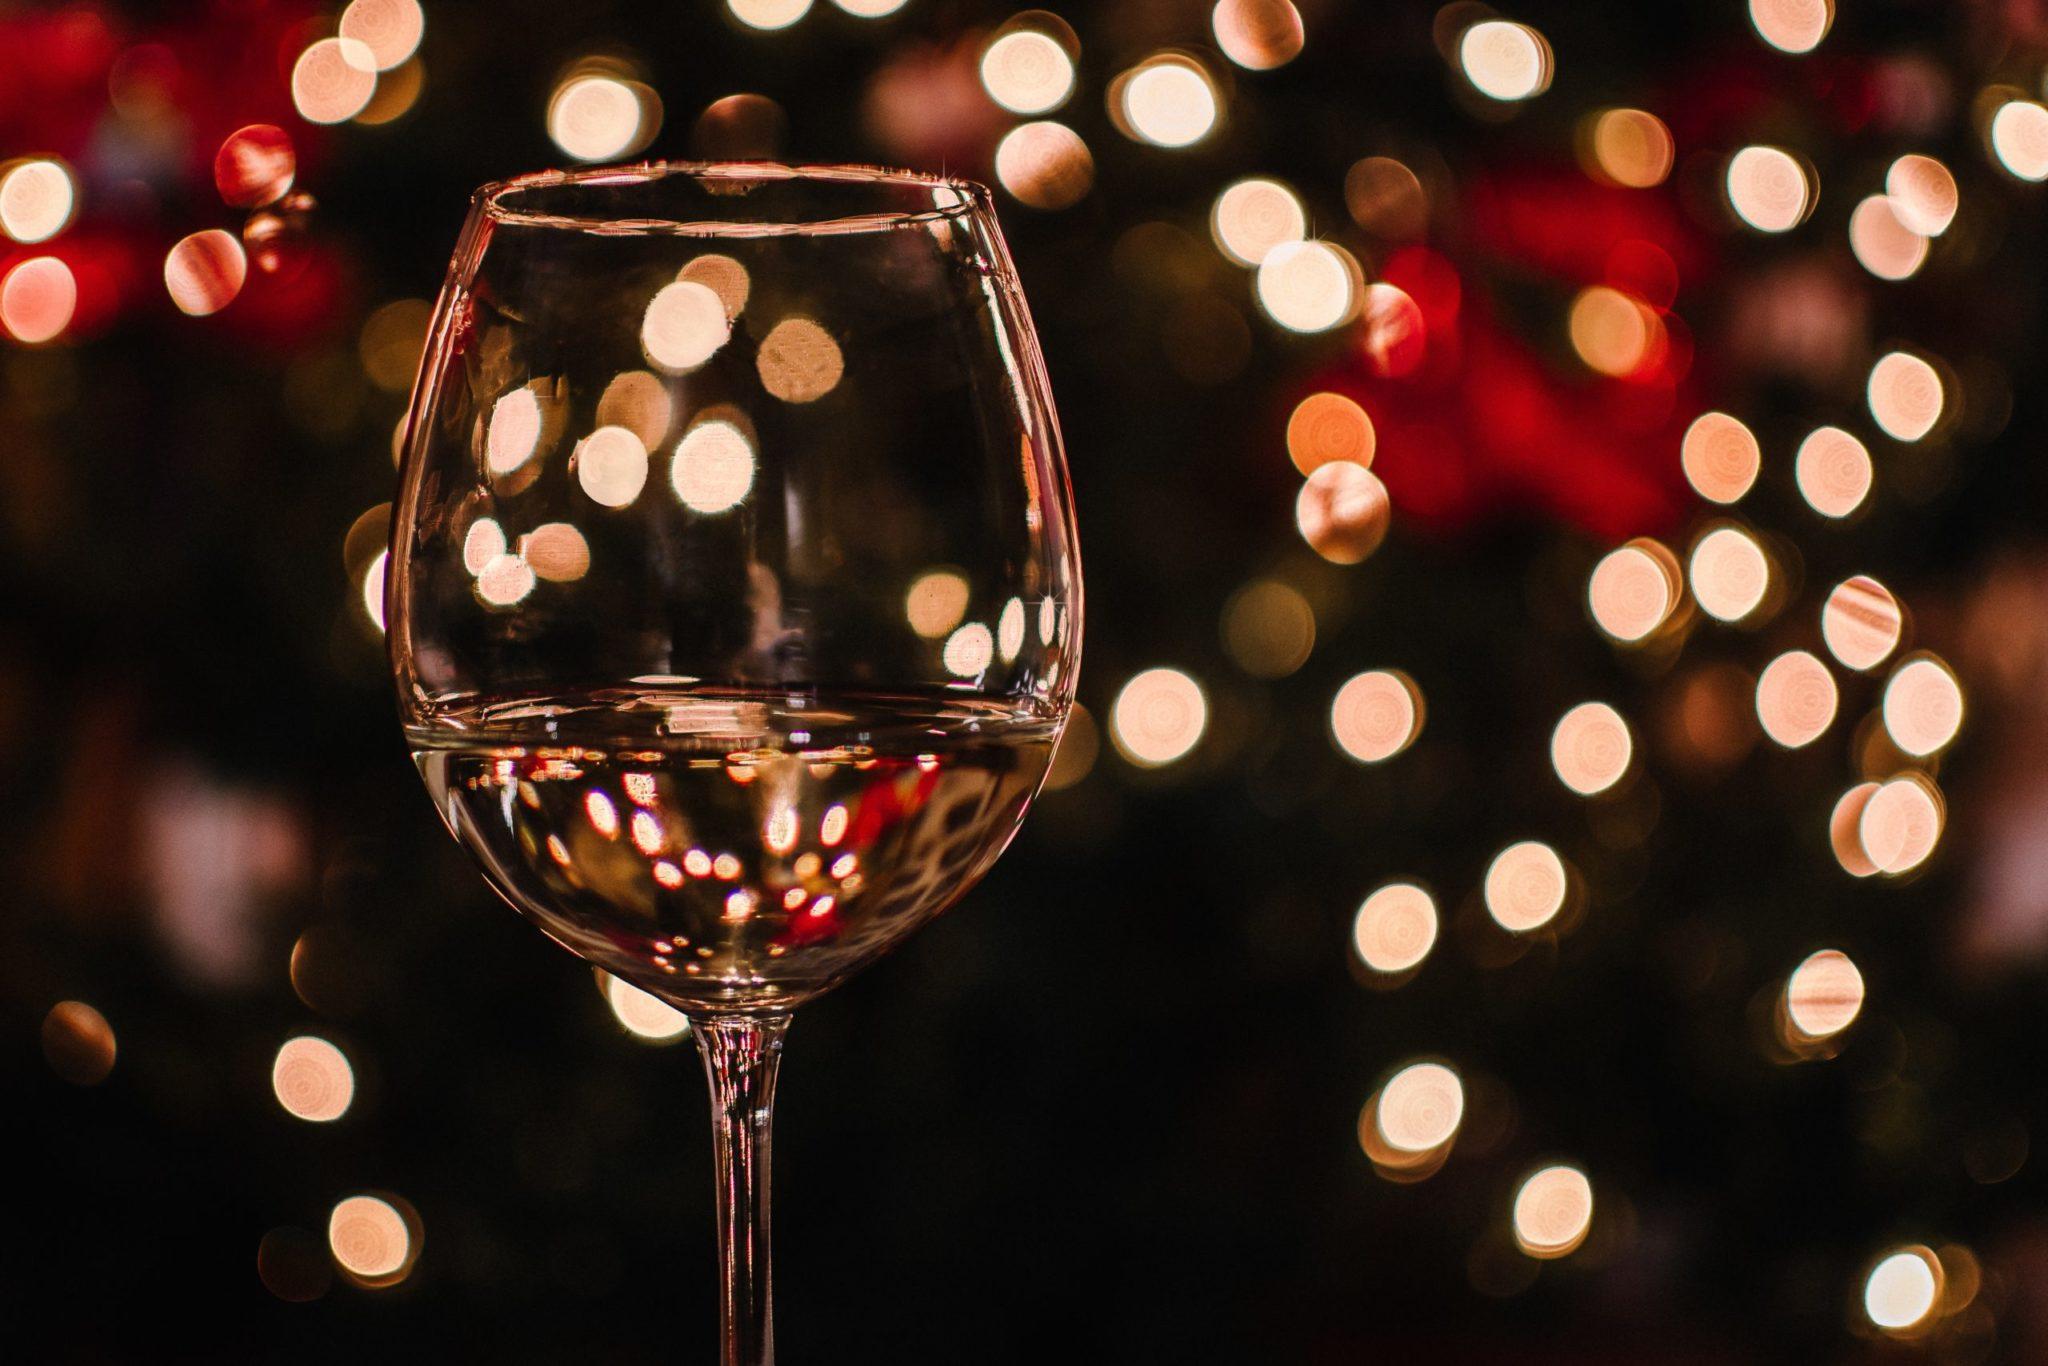 クリスマスに飲みたい!ちょっとリッチなおすすめワイン7選